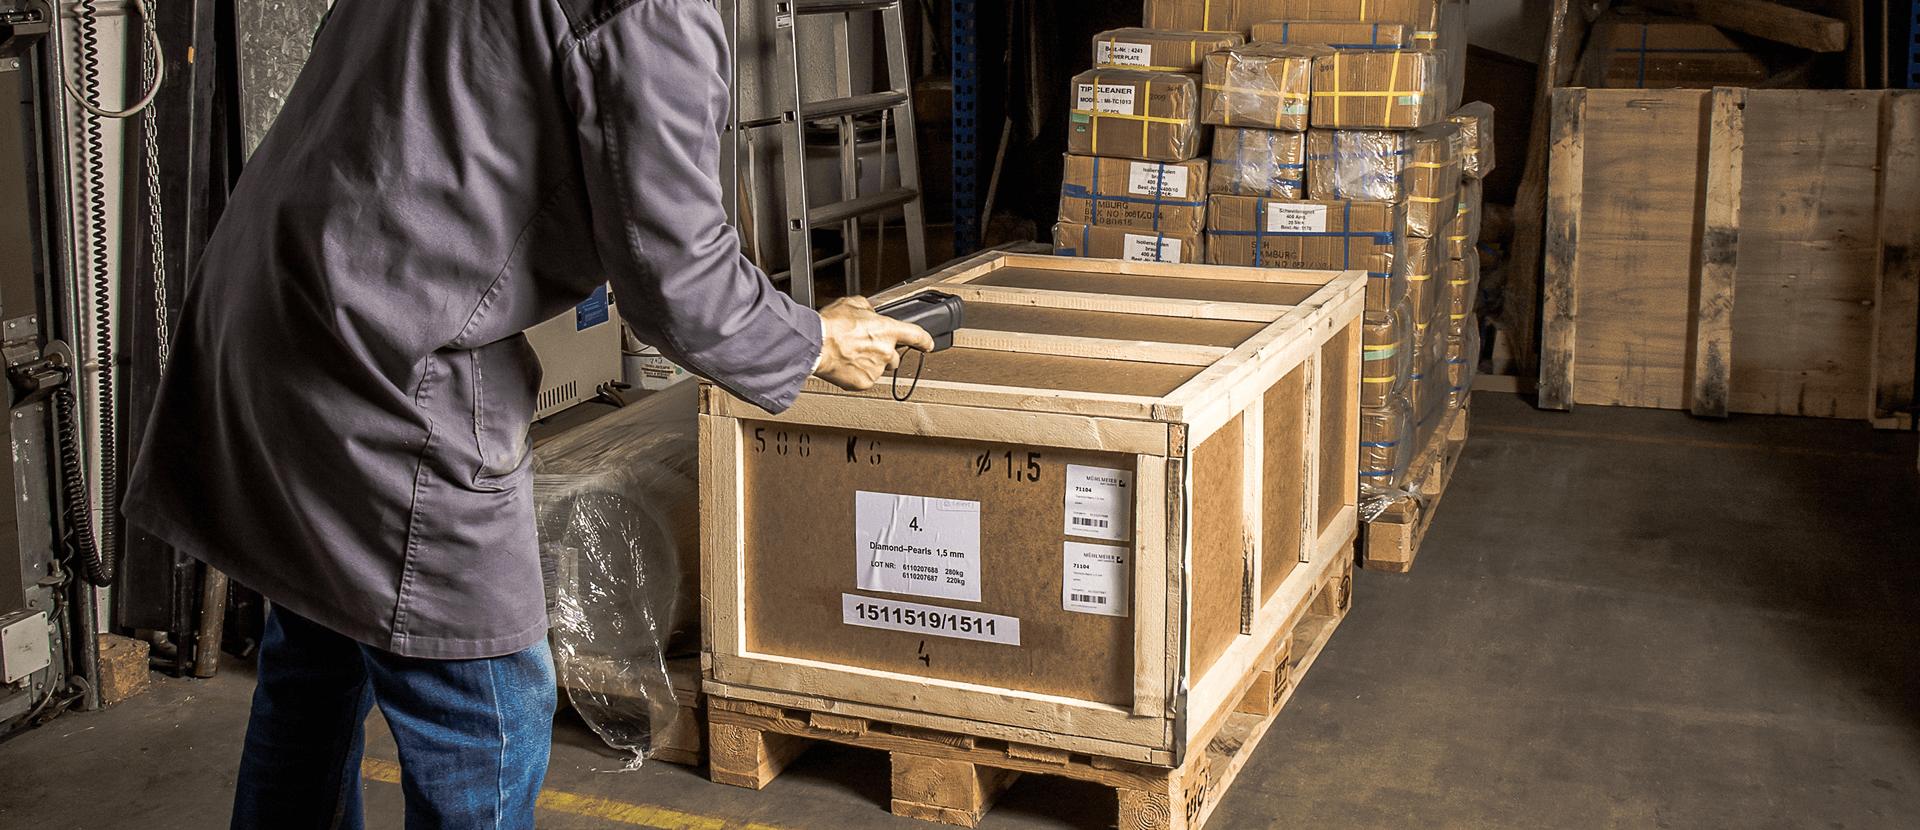 L-mobile Digitalisierte Lagerlogistik Fehlteilesteuerung zwischen Wareneinangen und Produktion für Sage 100 / Office Line